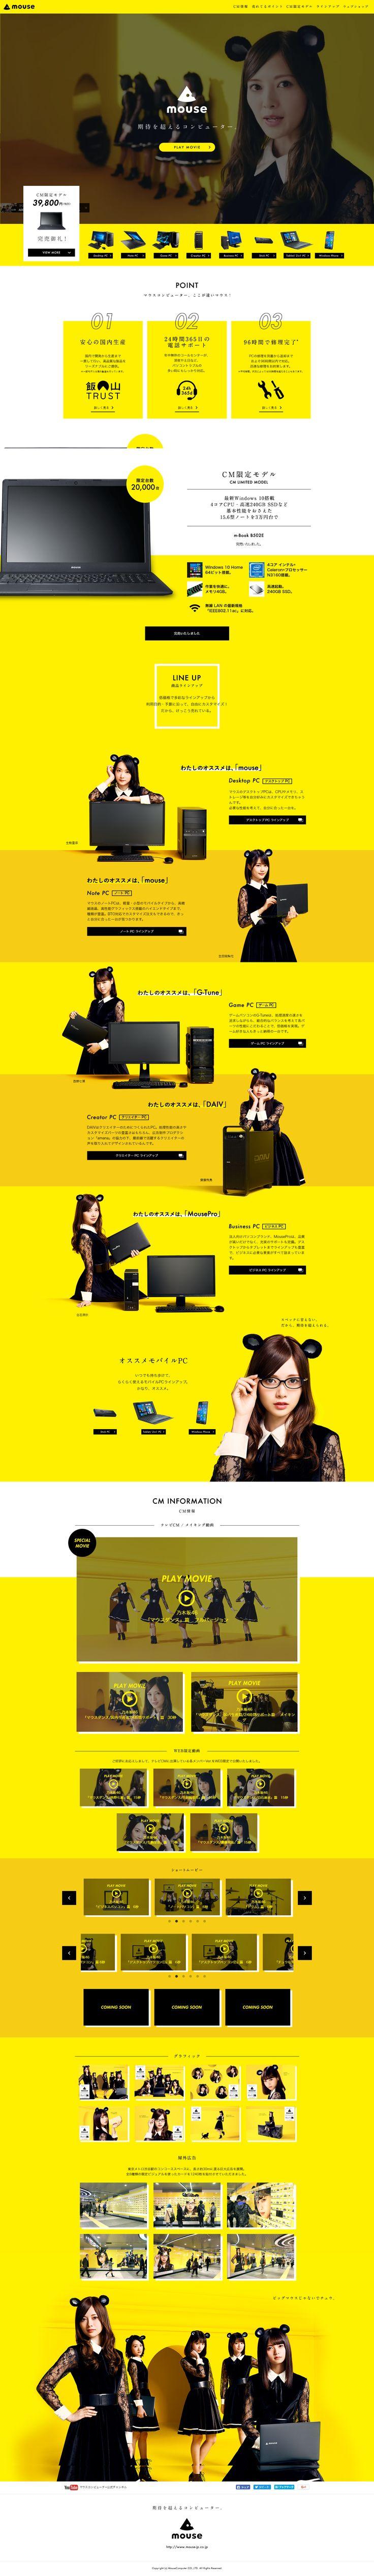 乃木坂46 CMスペシャルサイト|BTOパソコンのマウスコンピューター